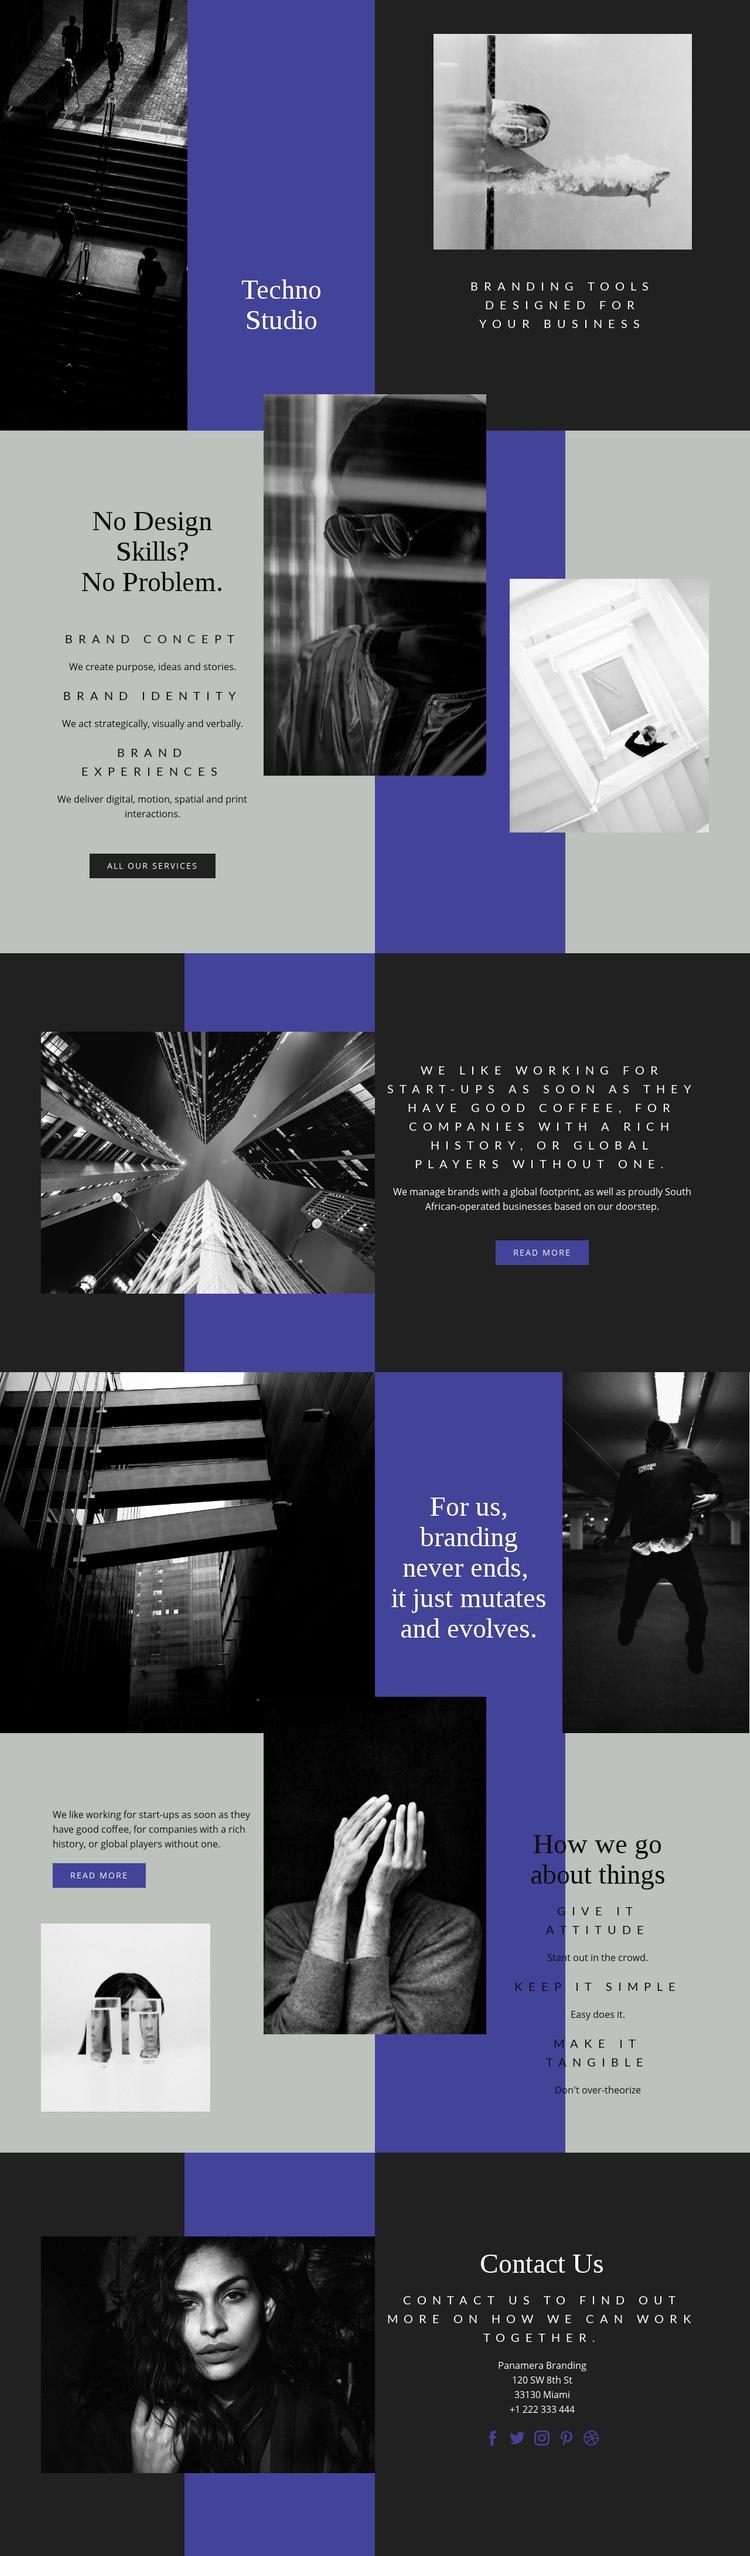 Techno skills in business Web Page Design